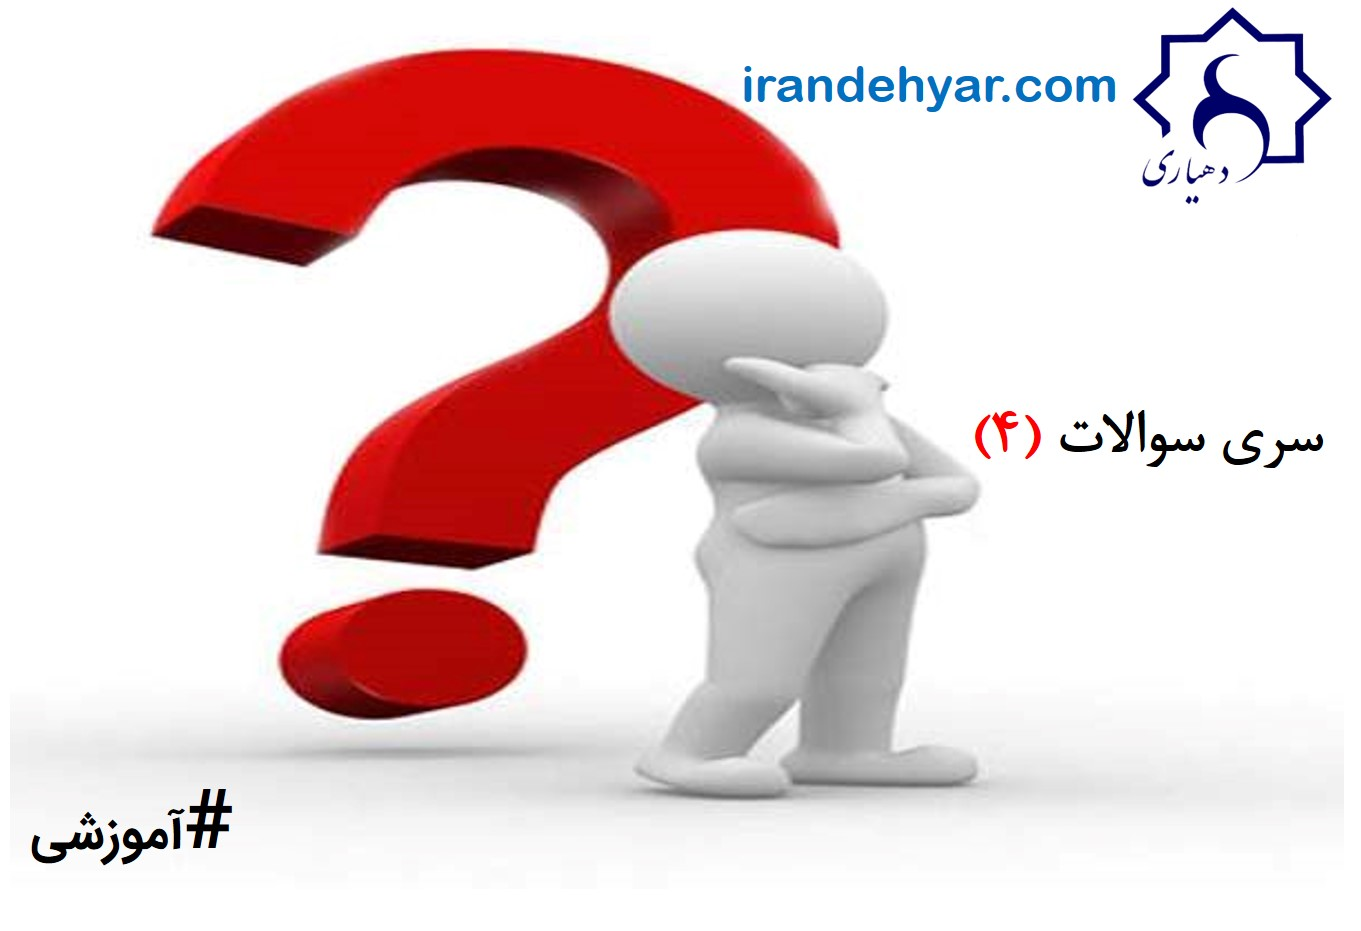 پاسخ به برخی سوالات کلیدی دهیاران (۴)